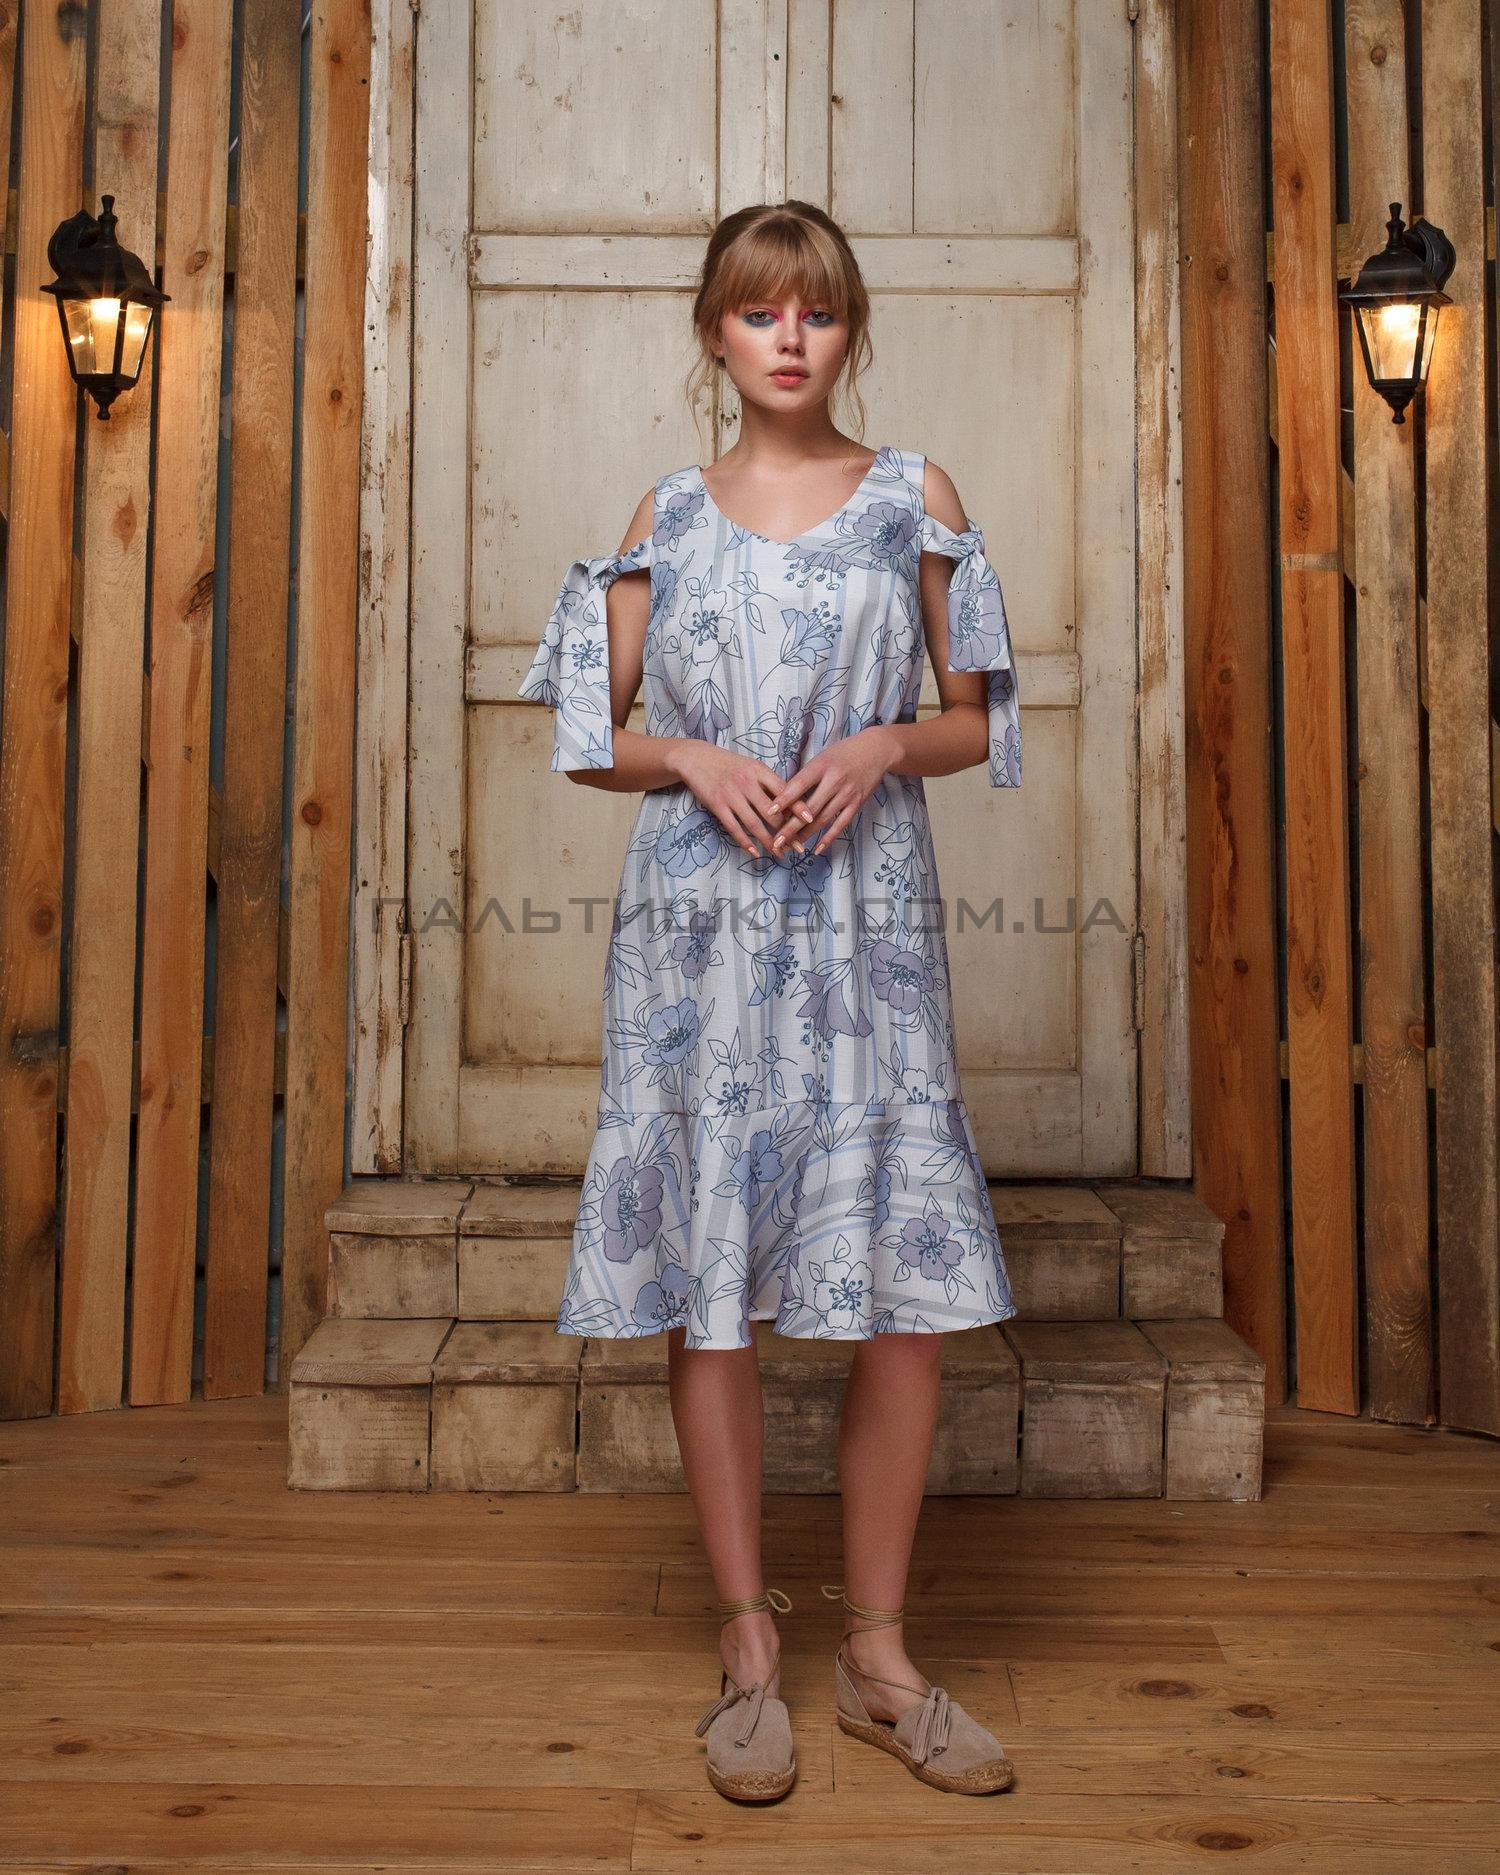 Платье с воланами в цветочек